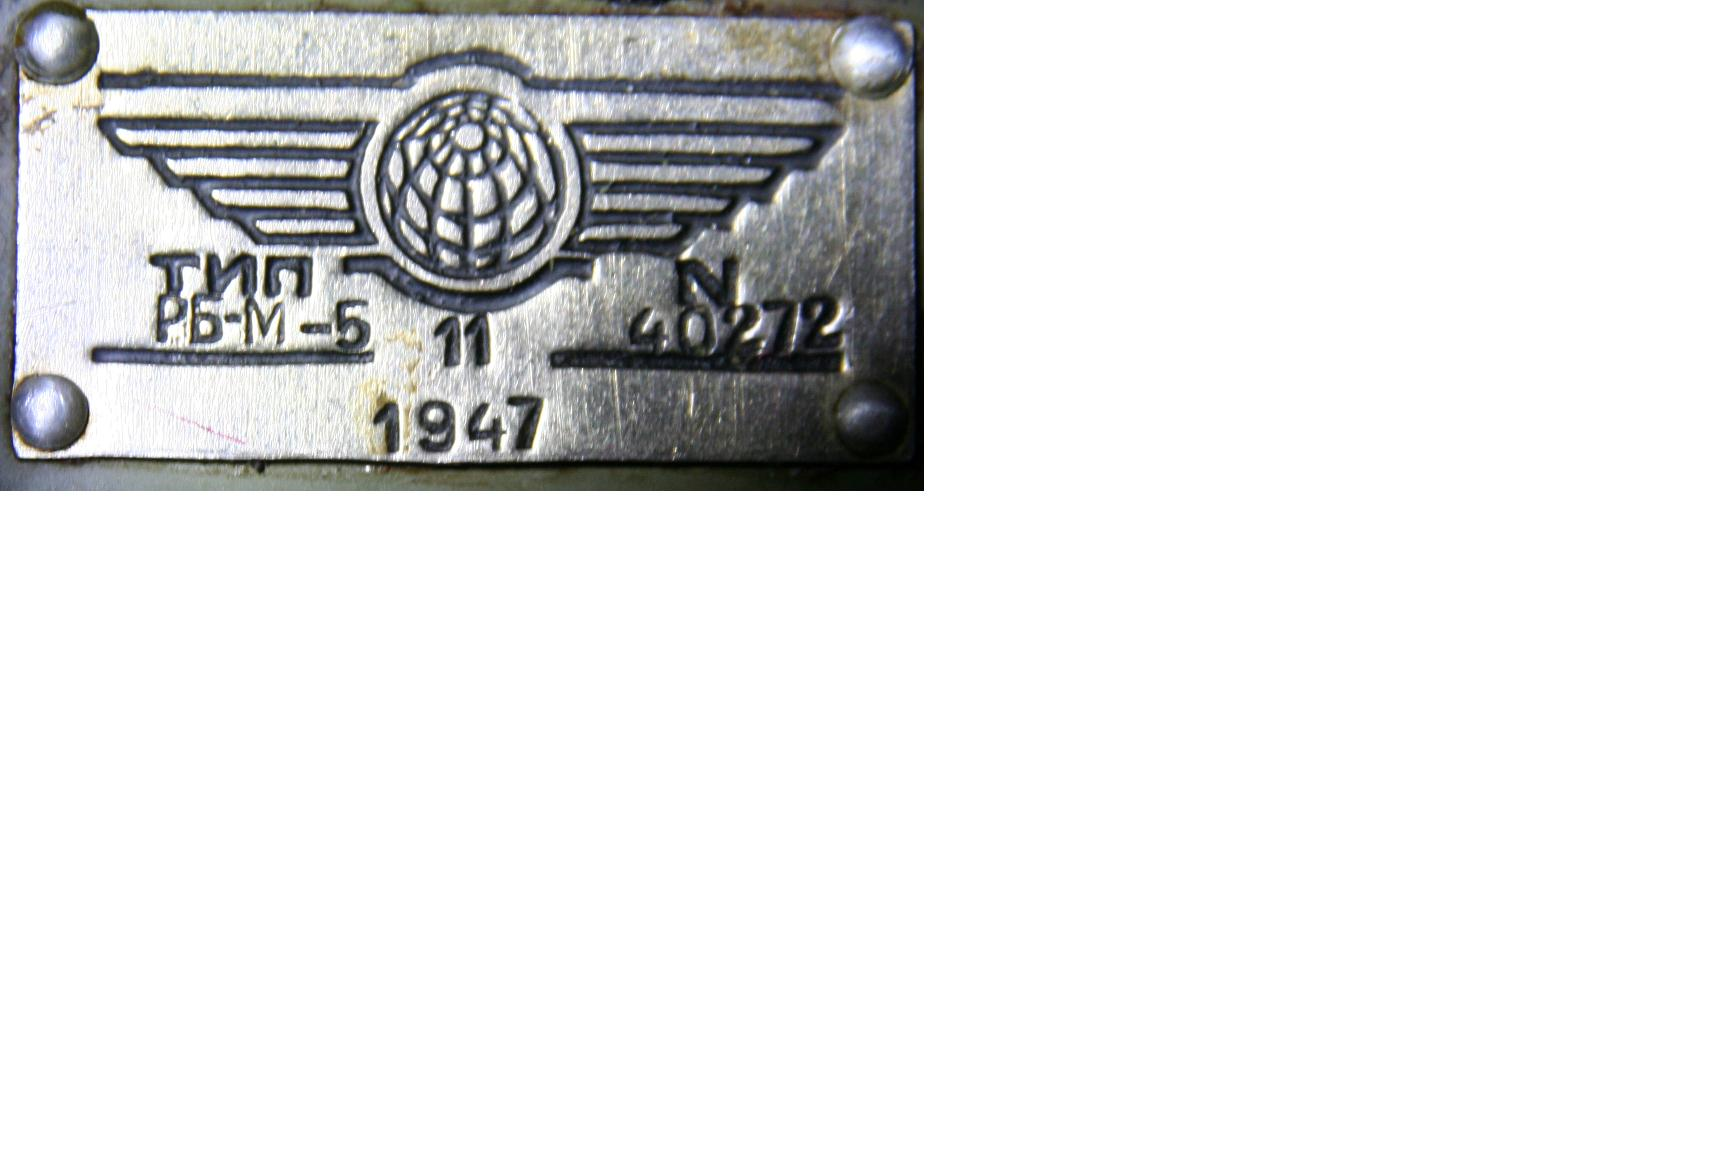 Нажмите на изображение для увеличения.  Название:1947.JPG Просмотров:235 Размер:111.7 Кб ID:80659